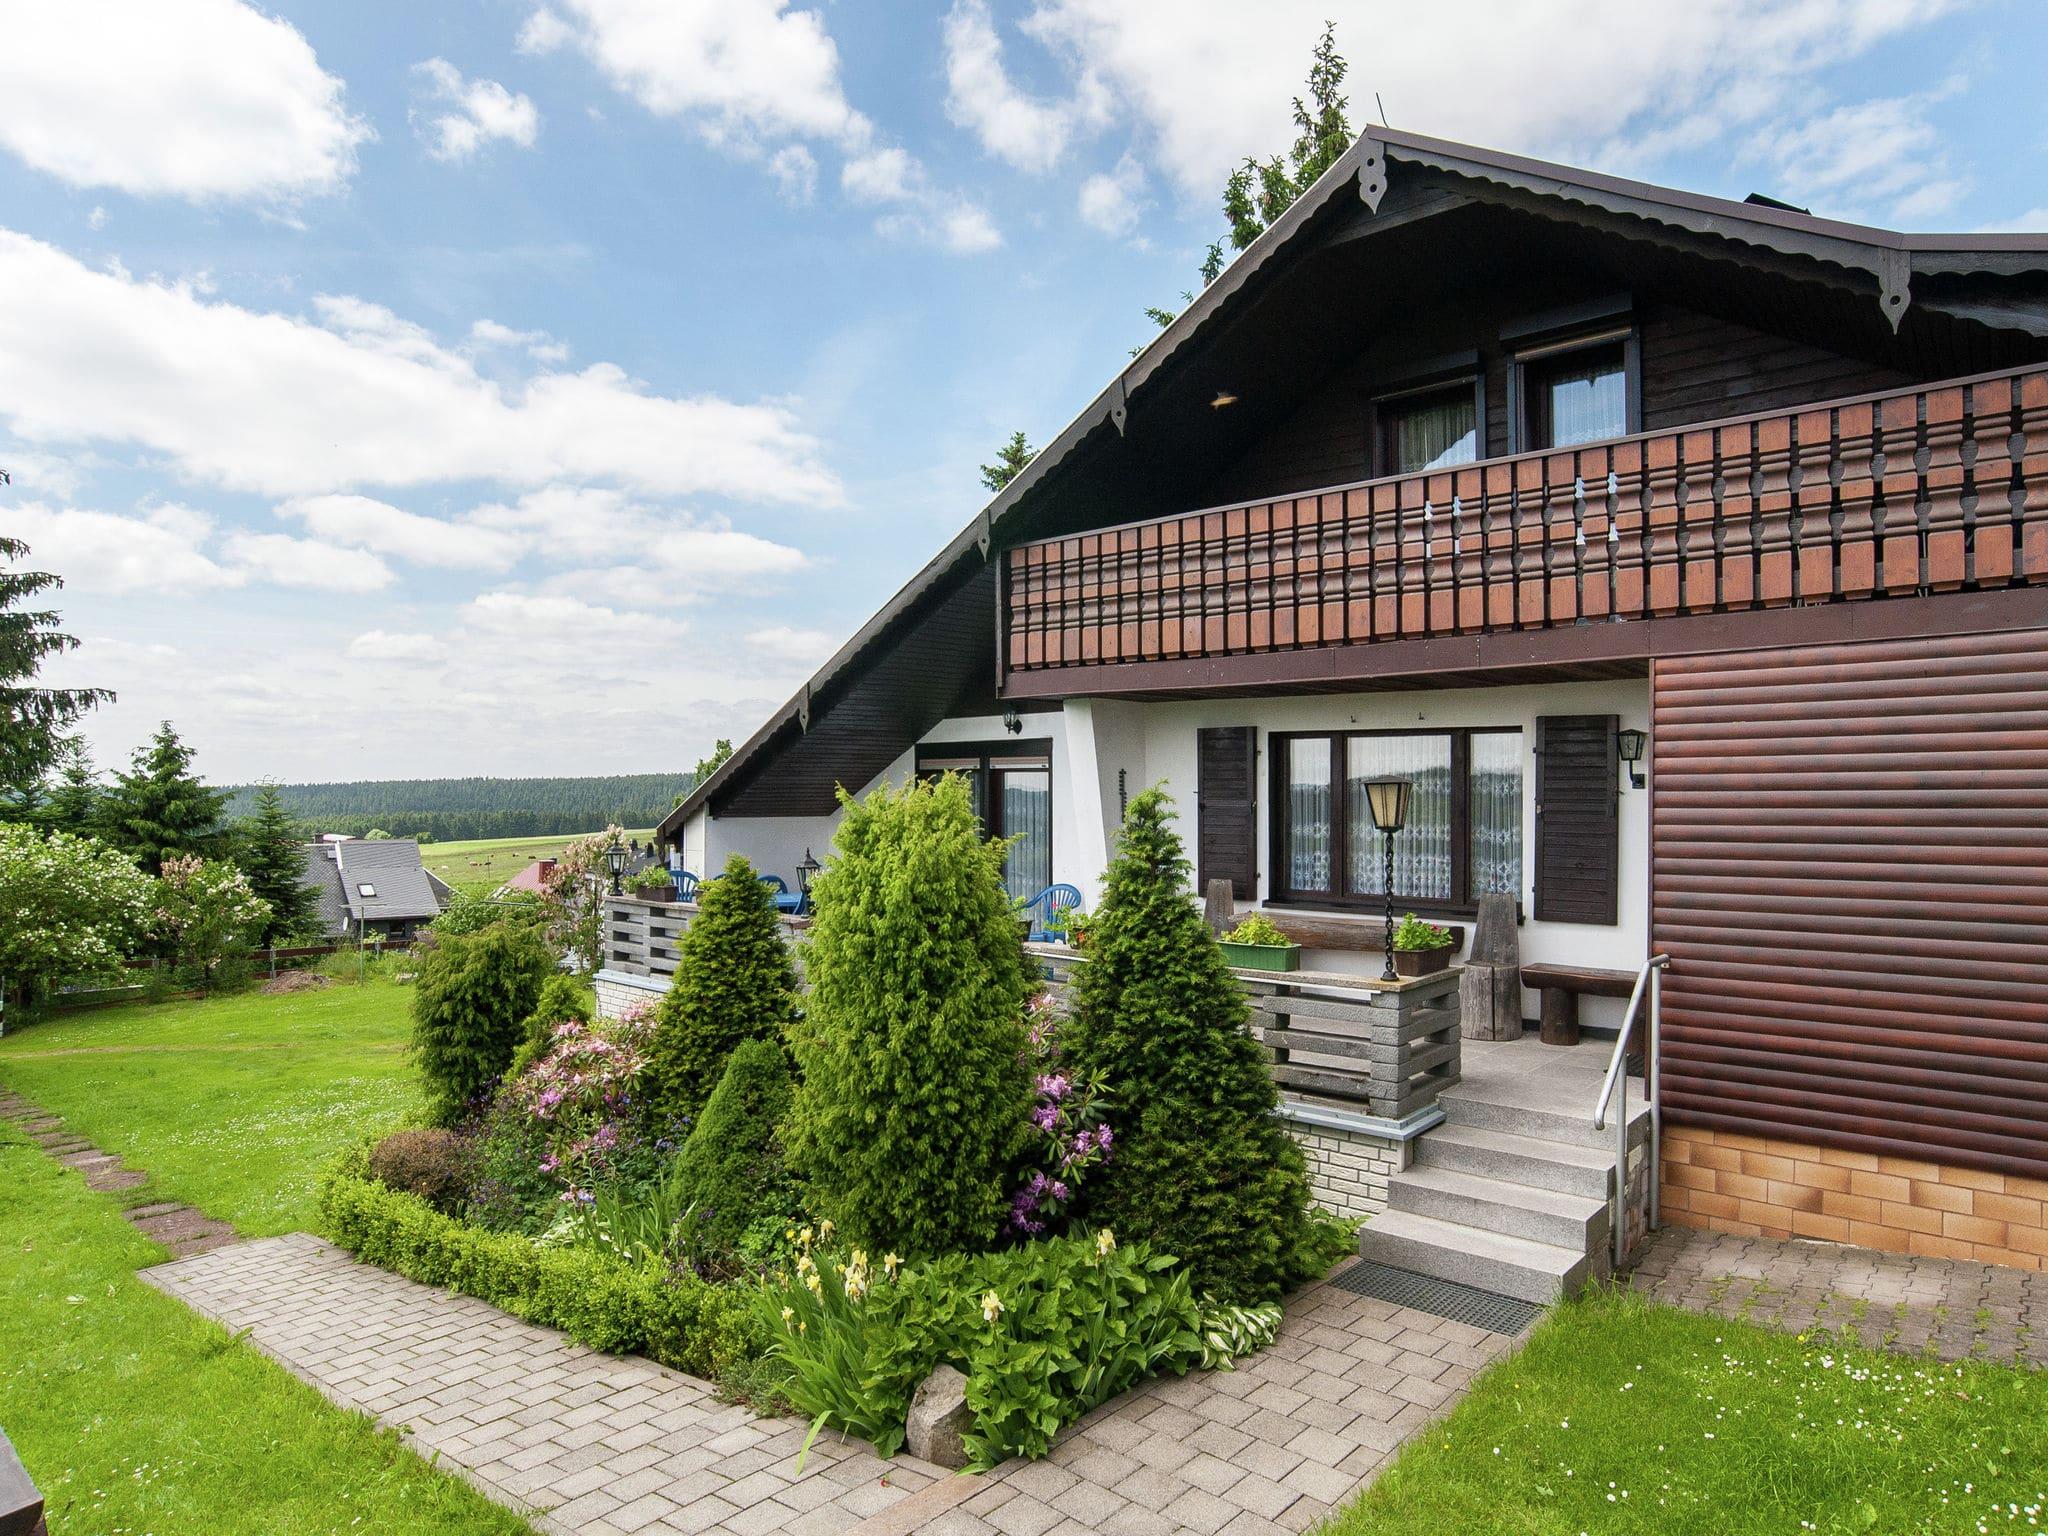 Natuurhuisje in Neustadt am rennsteig 38626 - Duitsland - Thüringen - 6 personen